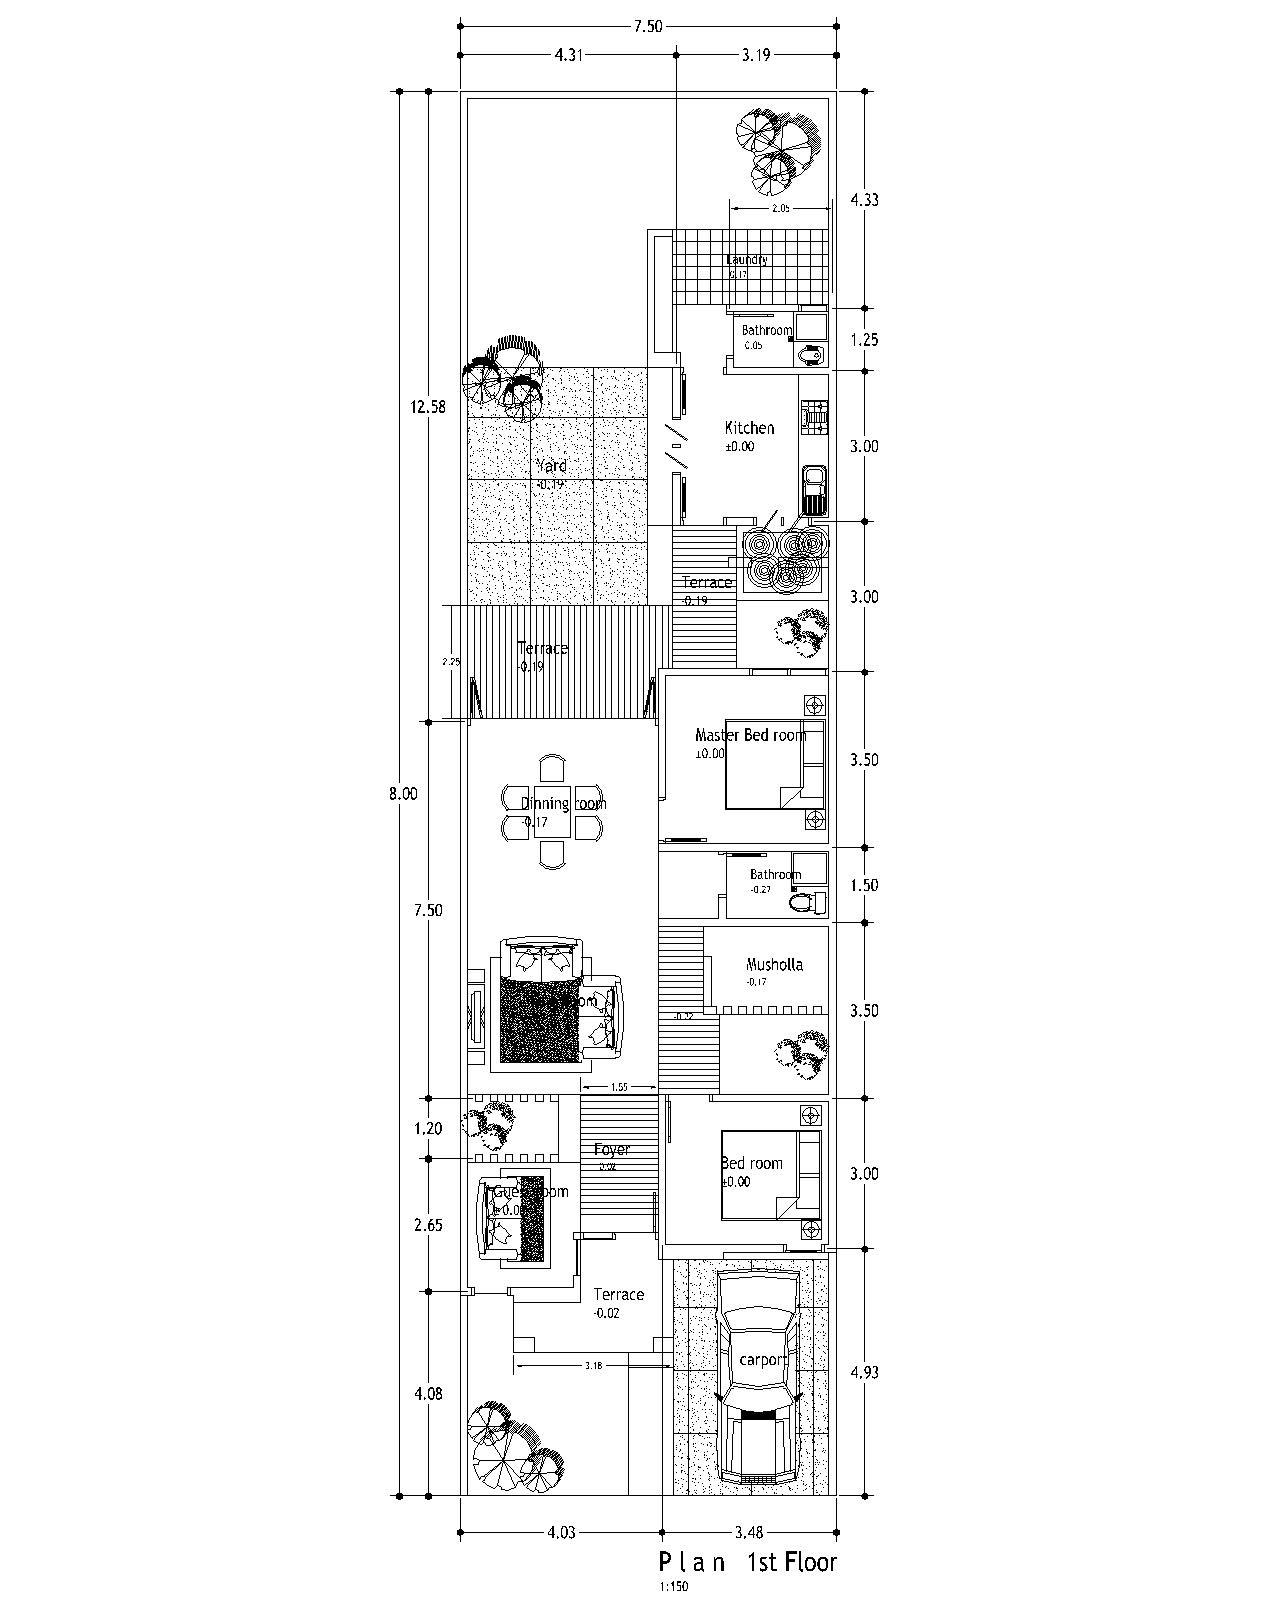 Denah Rumah Ukuran Panjang 9 Lebar 6 denah rumah lebar 5 meter panjang 9 meter -